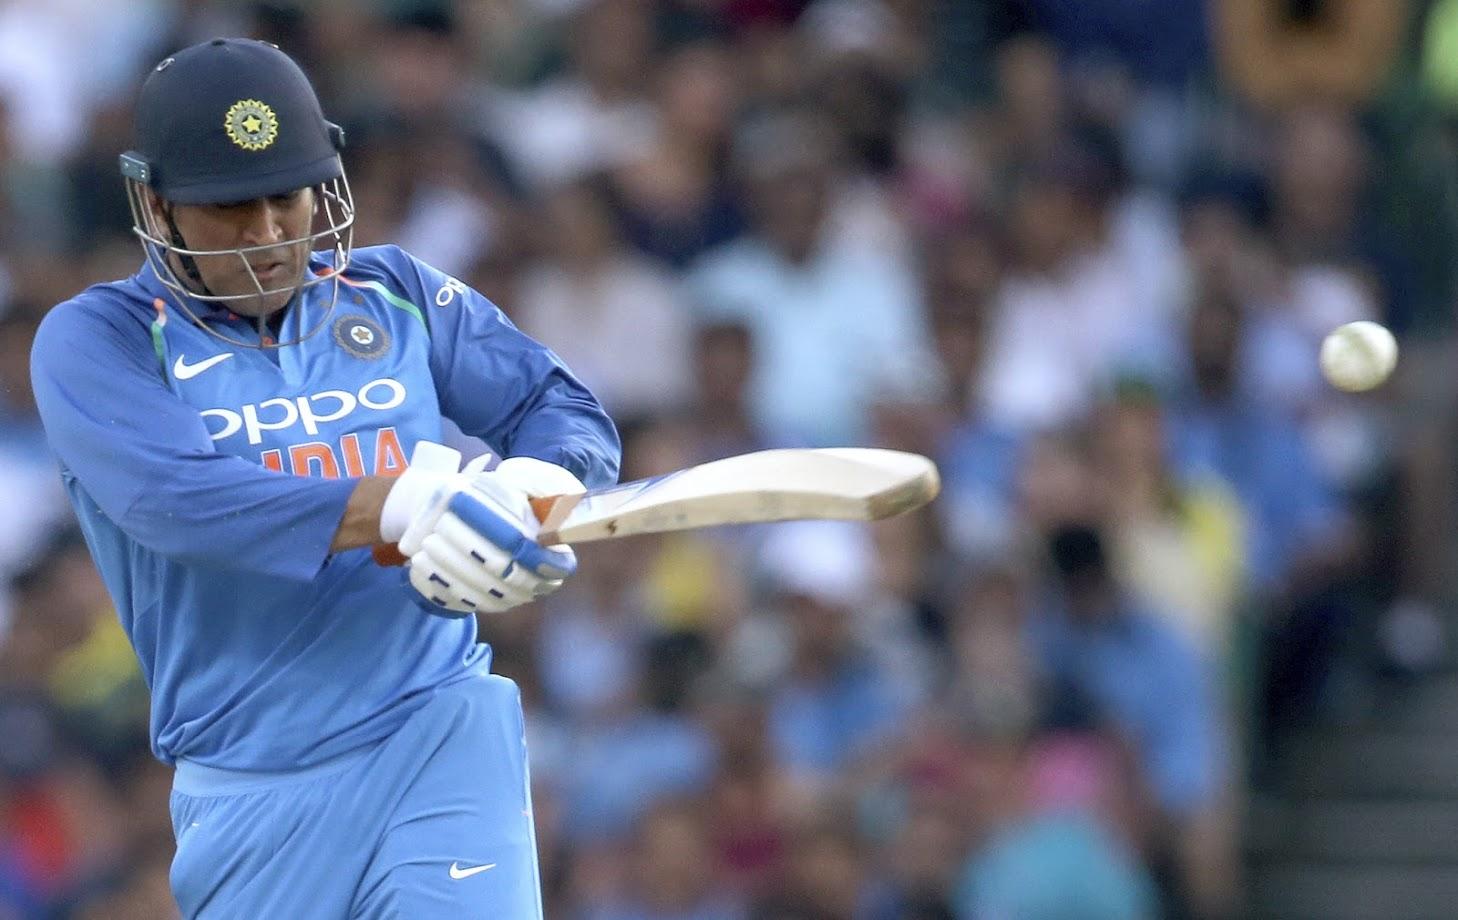 सिडनी येथील पहिल्या एकदिवसीय सामन्यात टीम इंडियाने ४ धावांवर आपले ३ गडी गमावले. त्यामुळे धोनीला चौथ्या षटकातच मैदानात उतरावं लागलं. गेल्या नऊ वर्षात धोनीला पहिल्यांदा चौथ्या षटकात फलंदाजीसाठी उतरावं लागलं आहे.